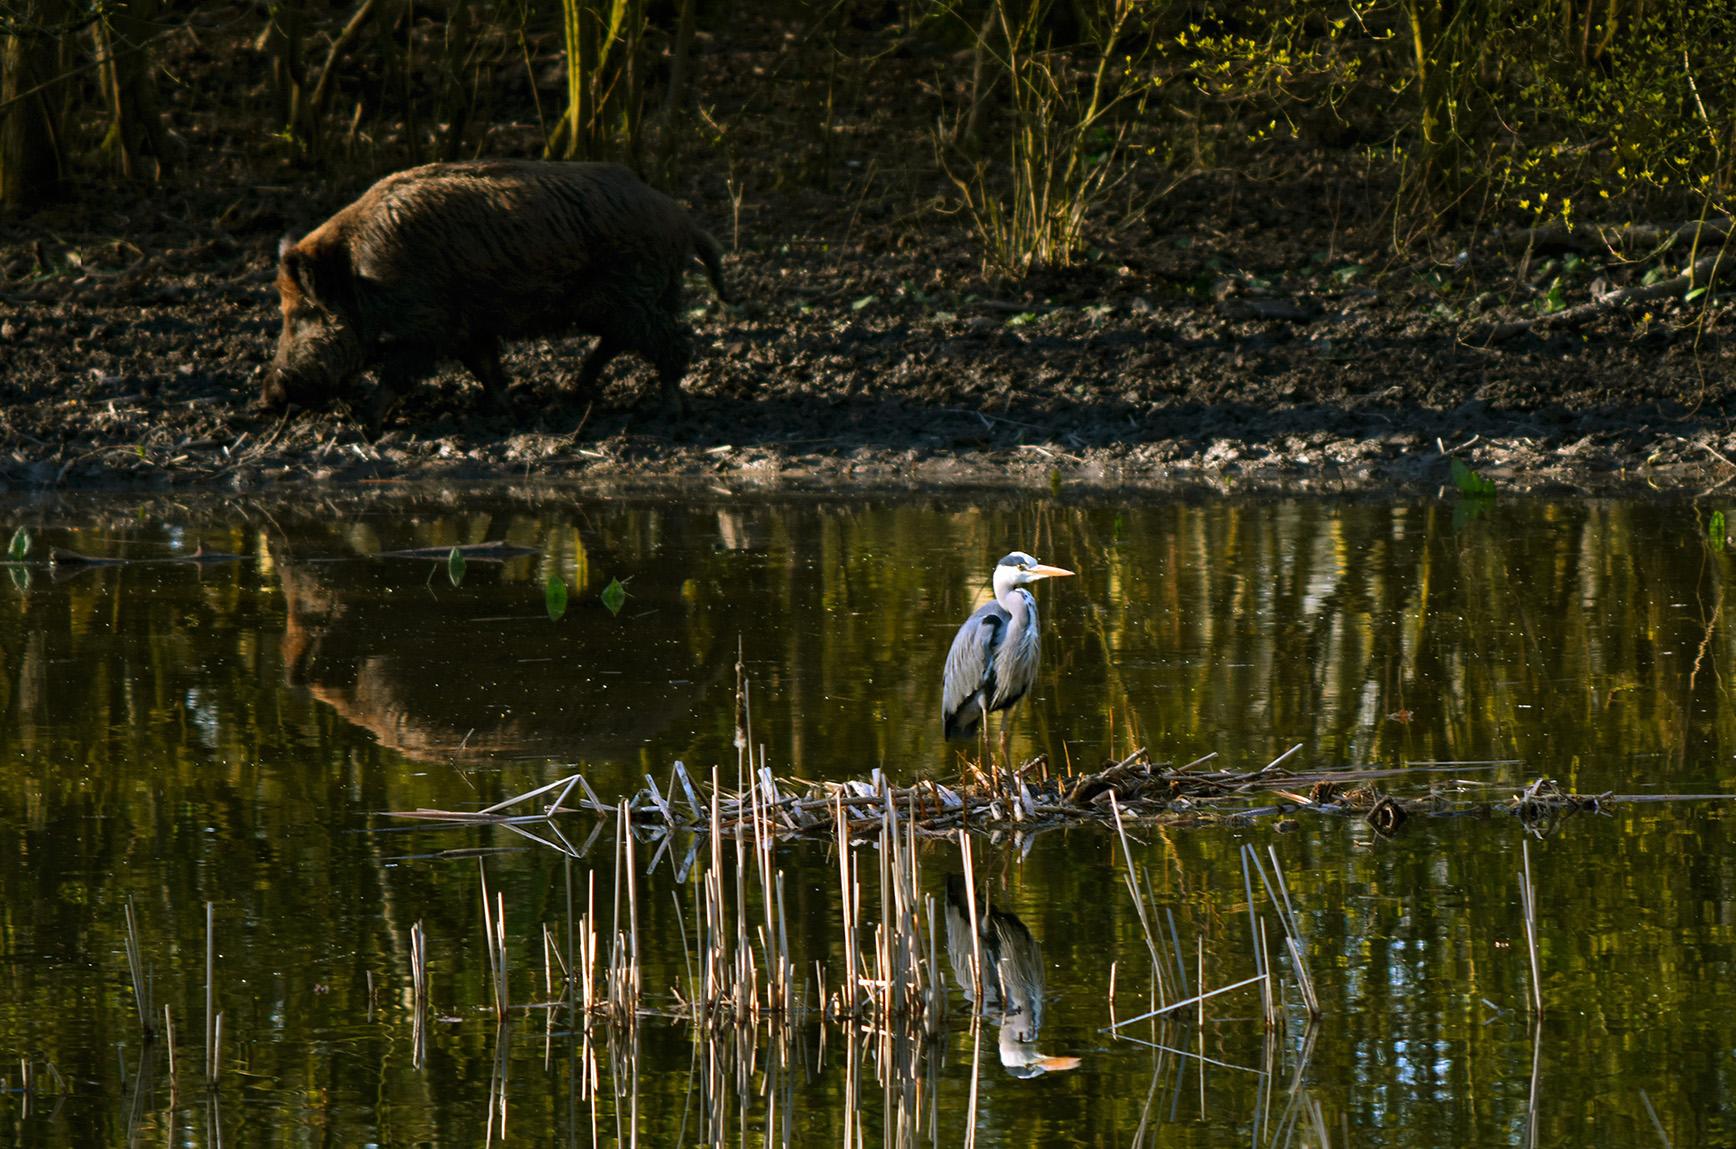 Onverstoord staat de Blauwe reiger voor zich uit te kijken, met achter hem het wilde zwijn - Foto: ©Louis Fraanje